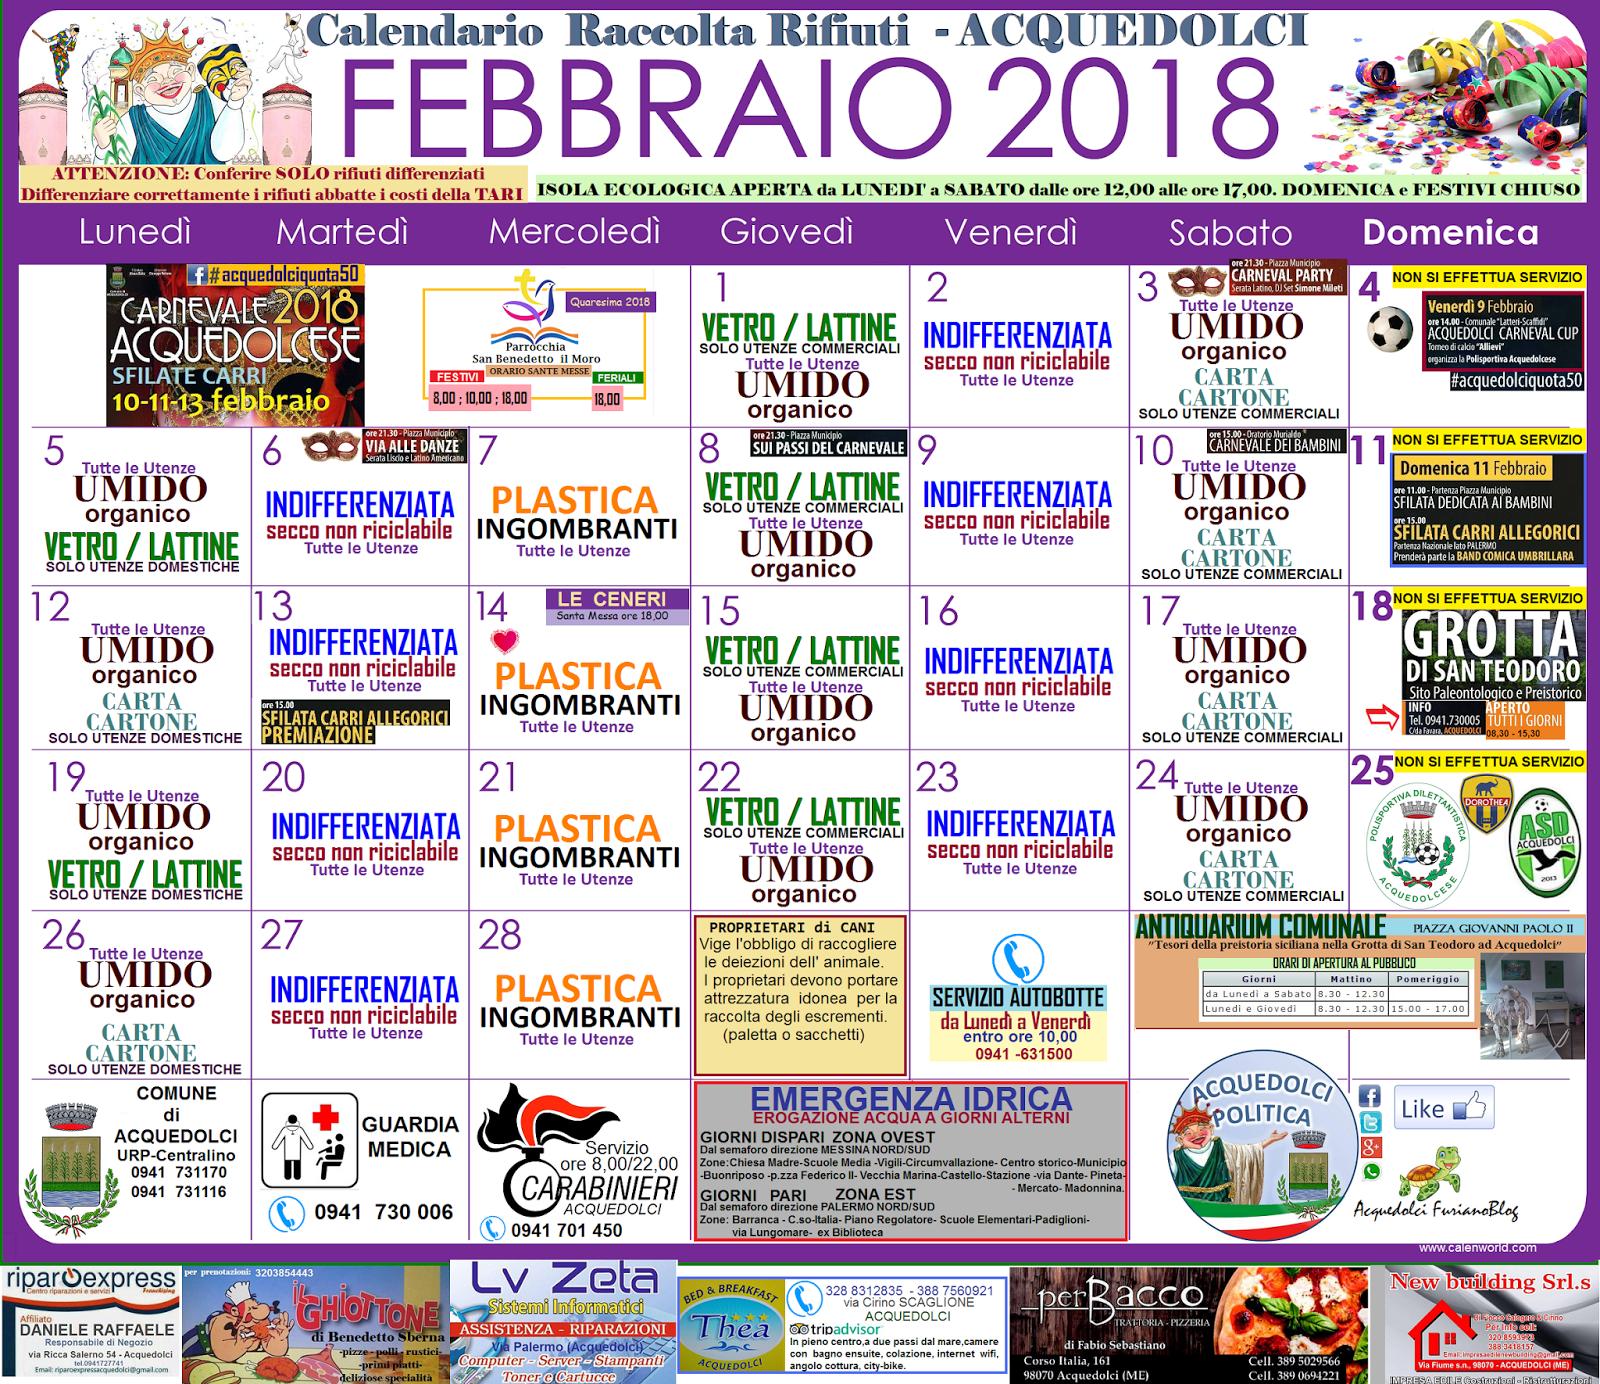 Calendario Raccolta Differenziata Sanremo.Rifiuti Ecco Il Calendario Di Febbraio 2018 Una Guida